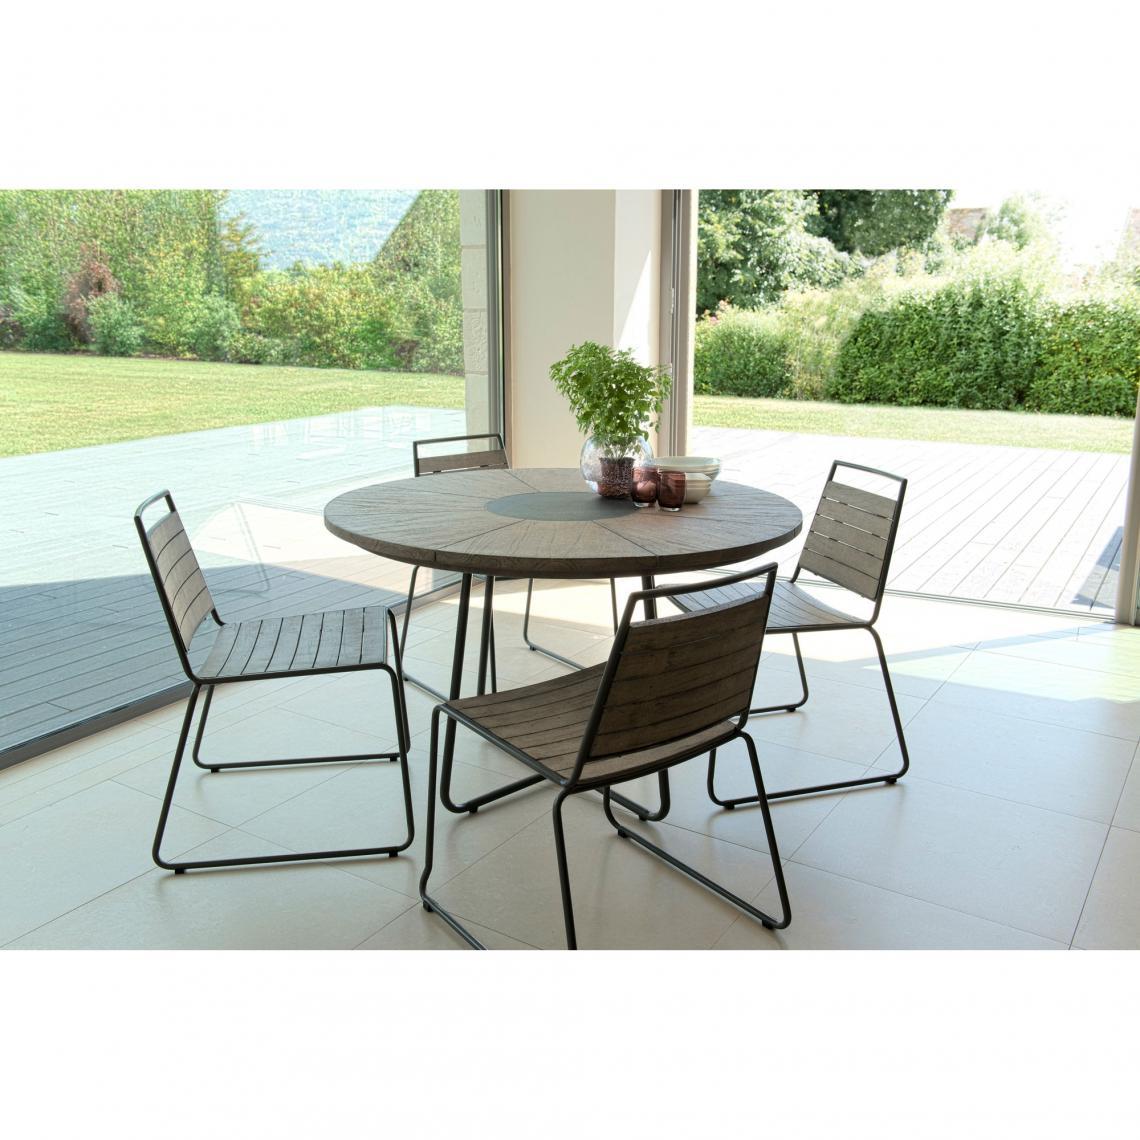 1 table ronde 120 cm et 4 chaises